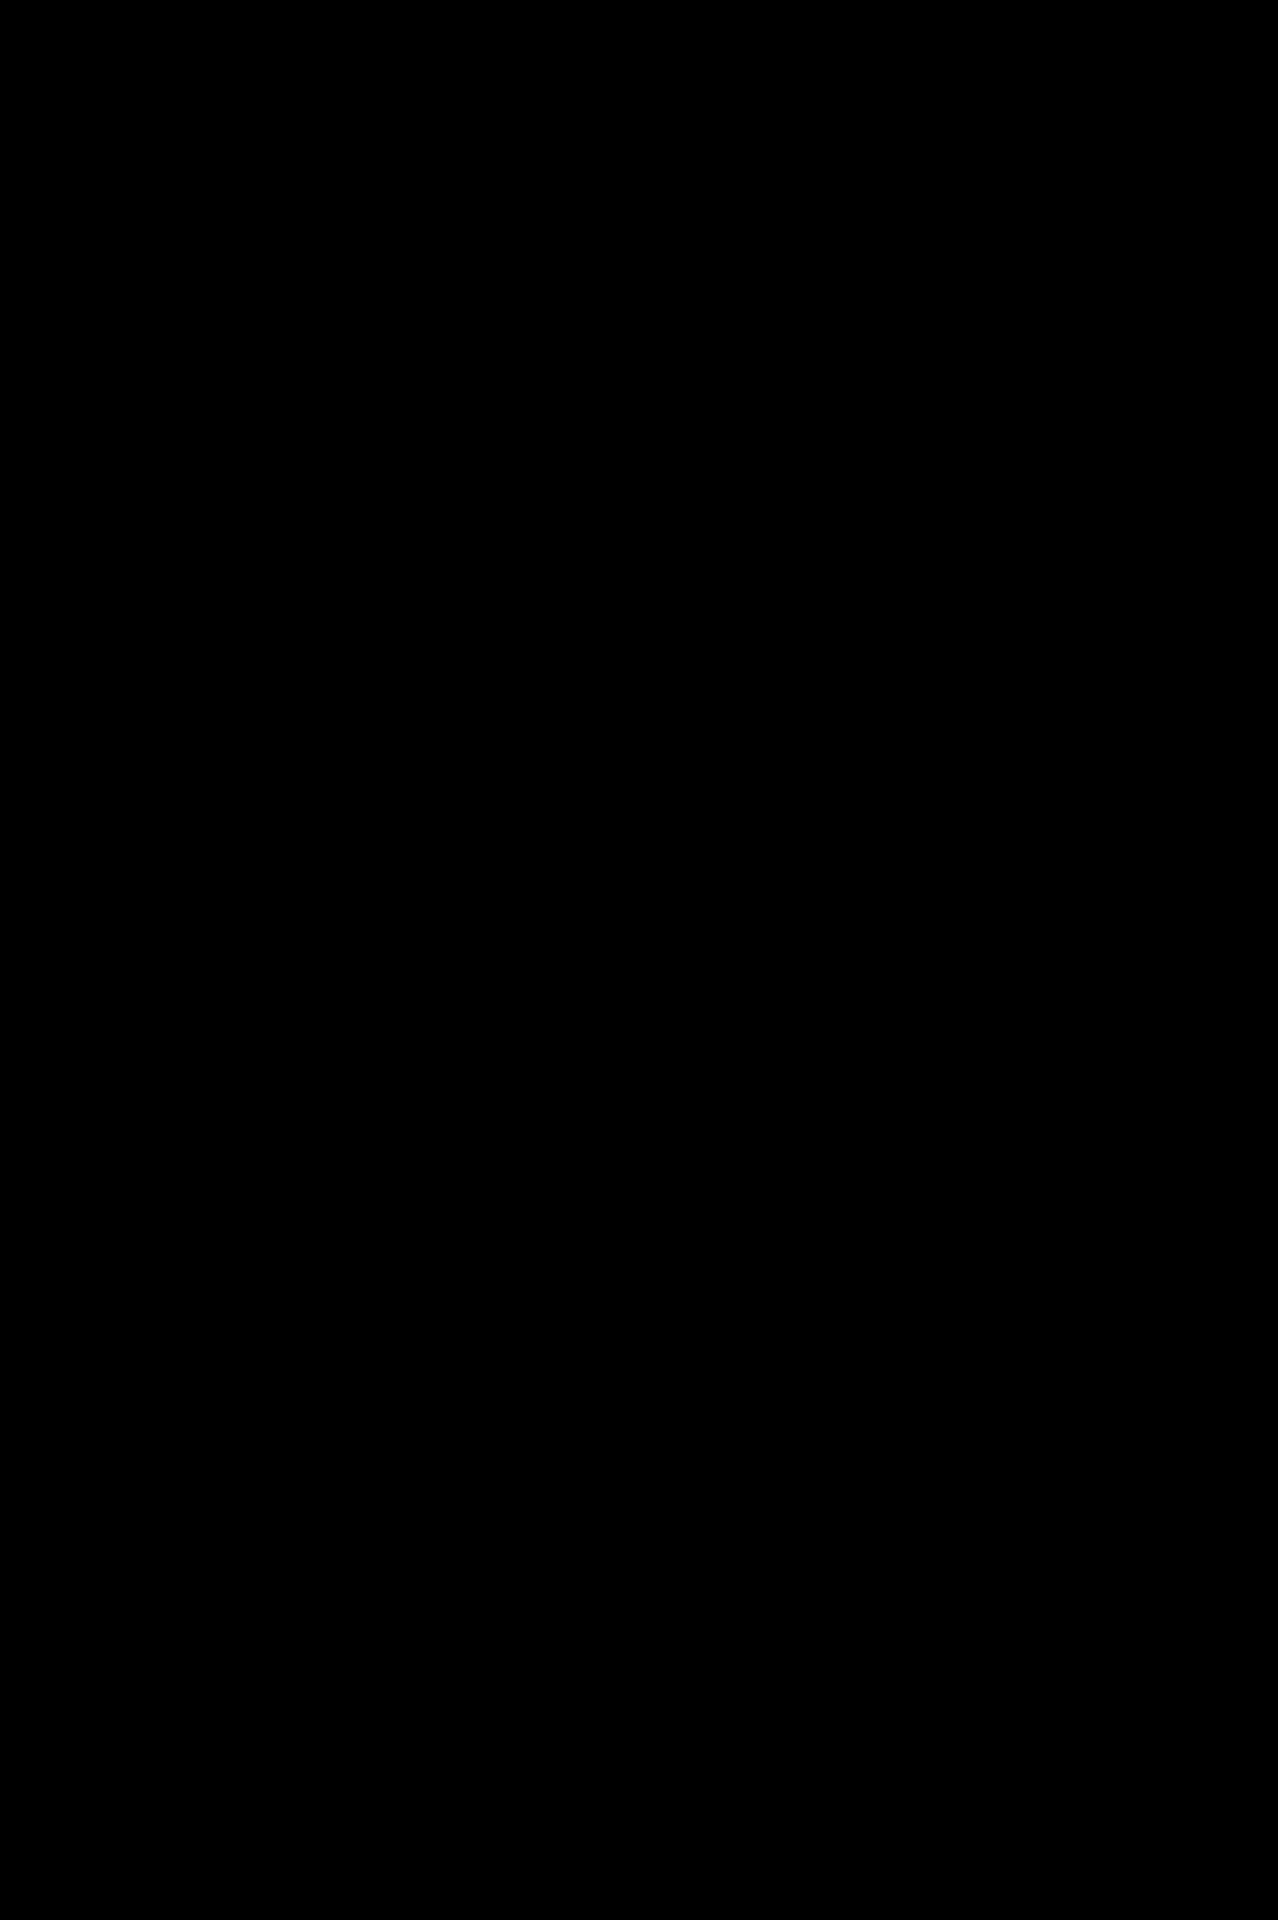 Konzert Sängerin schwarzweiss